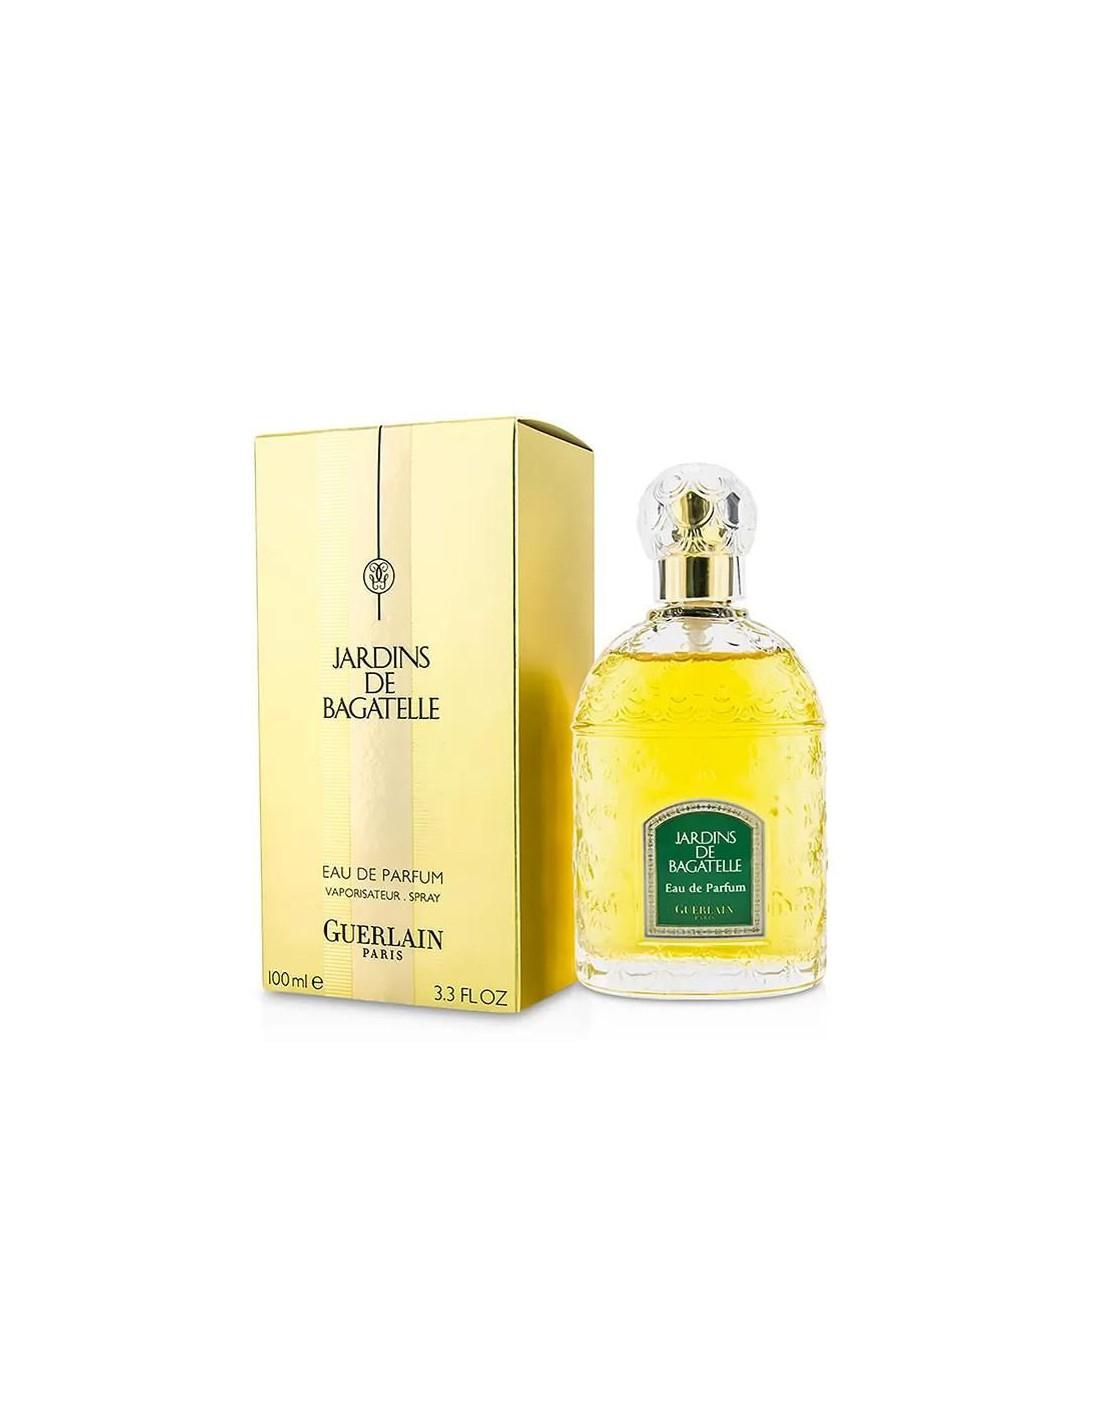 Guerlain Jardins De Bagatelle For Women - Eau De Parfum Spray, 100 Ml avec Jardin De Bagatelle Guerlain